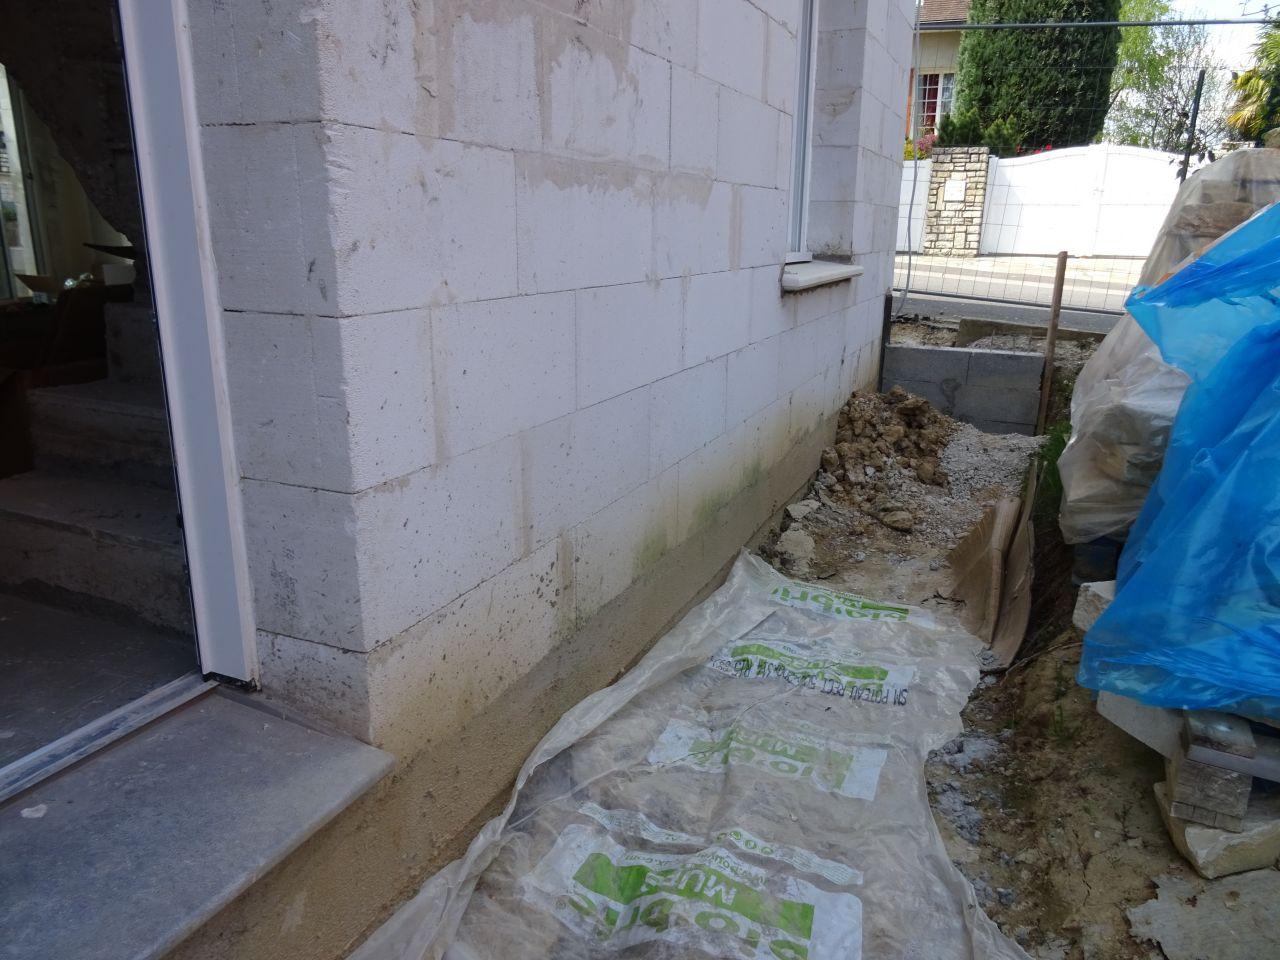 Préparation pour le crépi. Le mur n'est pas nettoyé, je pense qu'il ne l'a pas été.